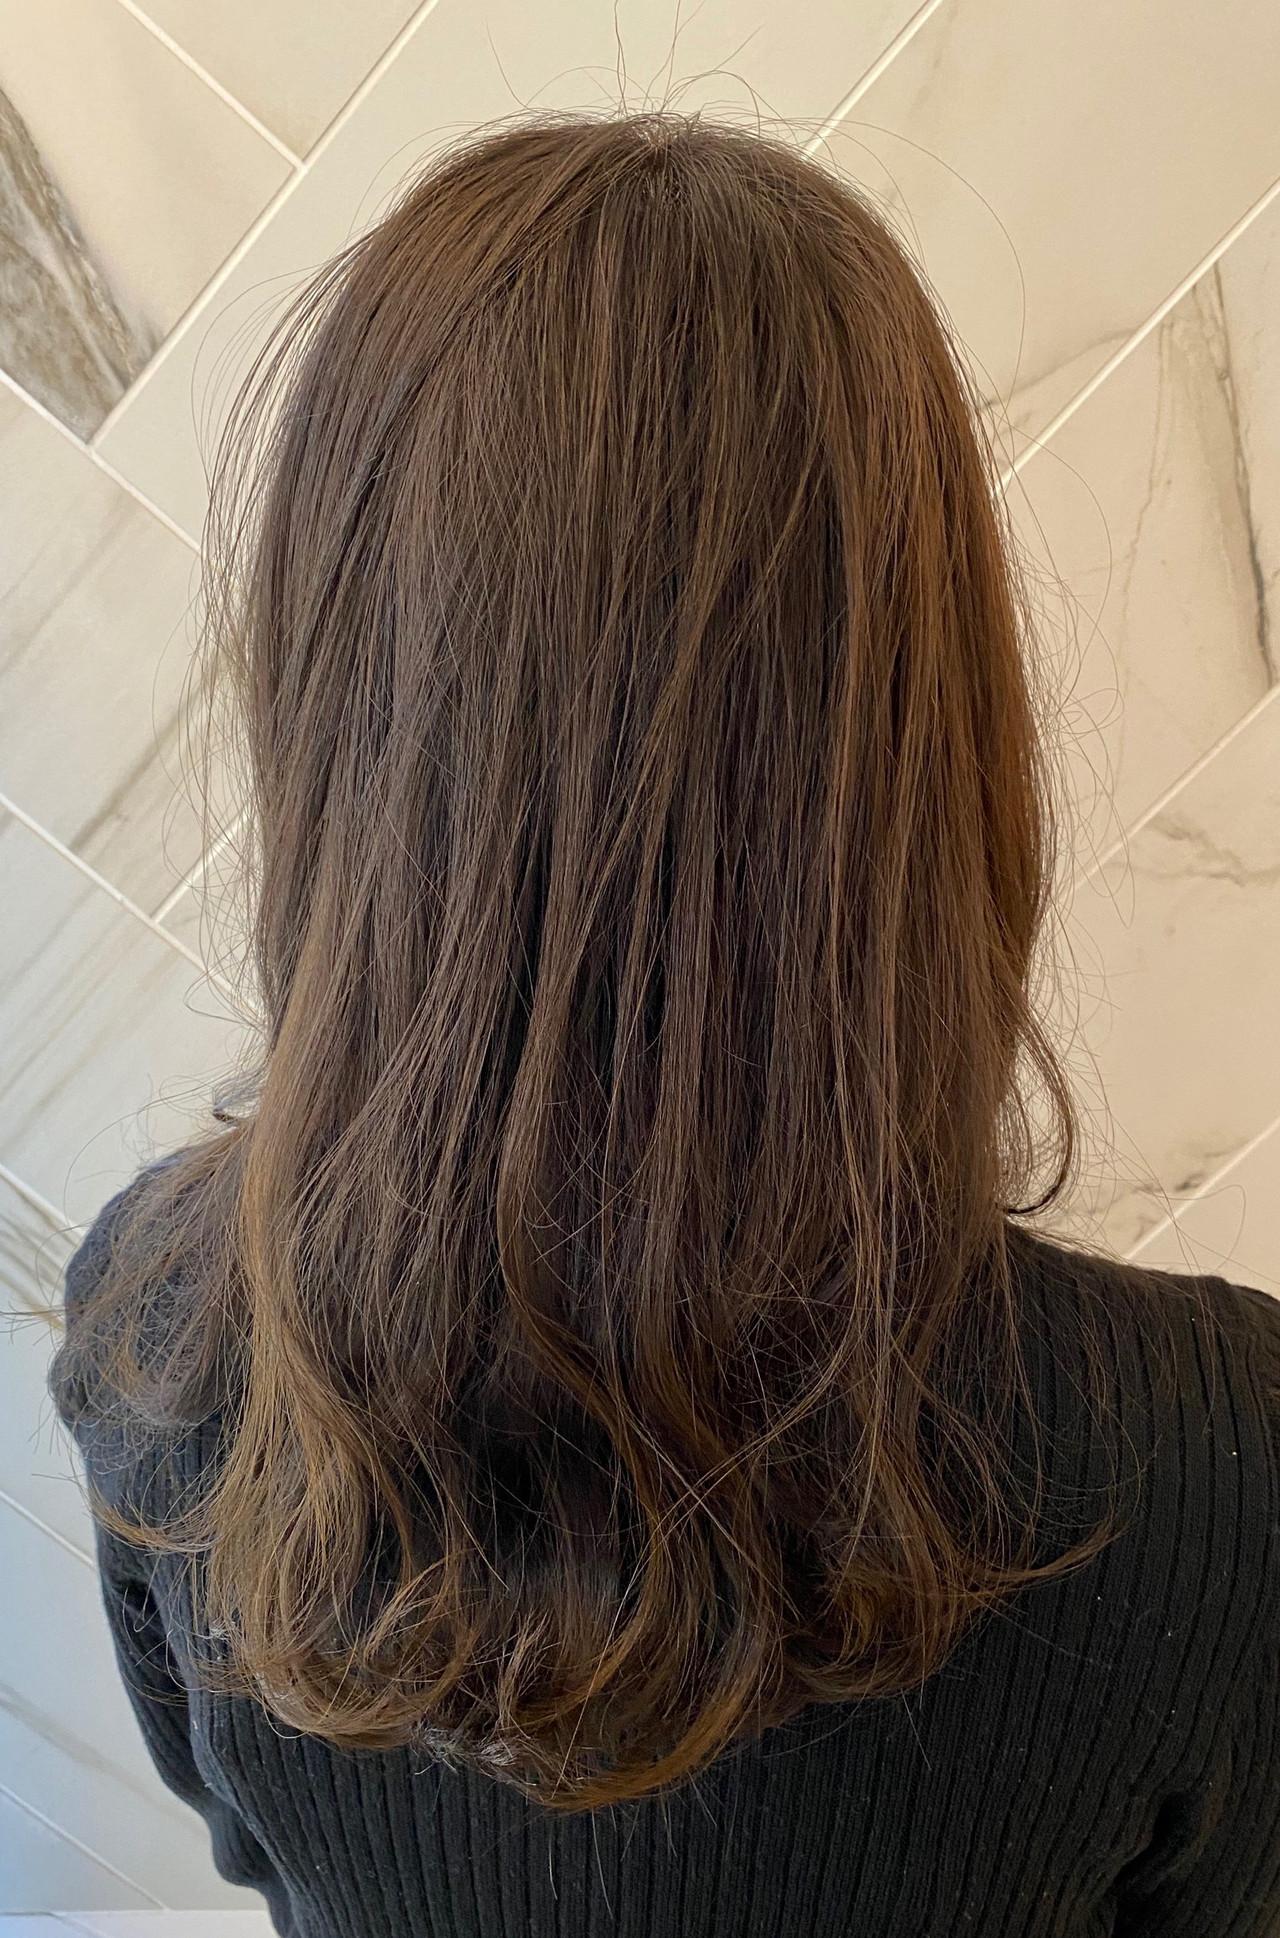 アンニュイ 銀座美容室 大人ハイライト ナチュラル ヘアスタイルや髪型の写真・画像 | 髪質改善、モテ髪カットのプロ!Zina出口耕太郎 / Zina CENTRAL